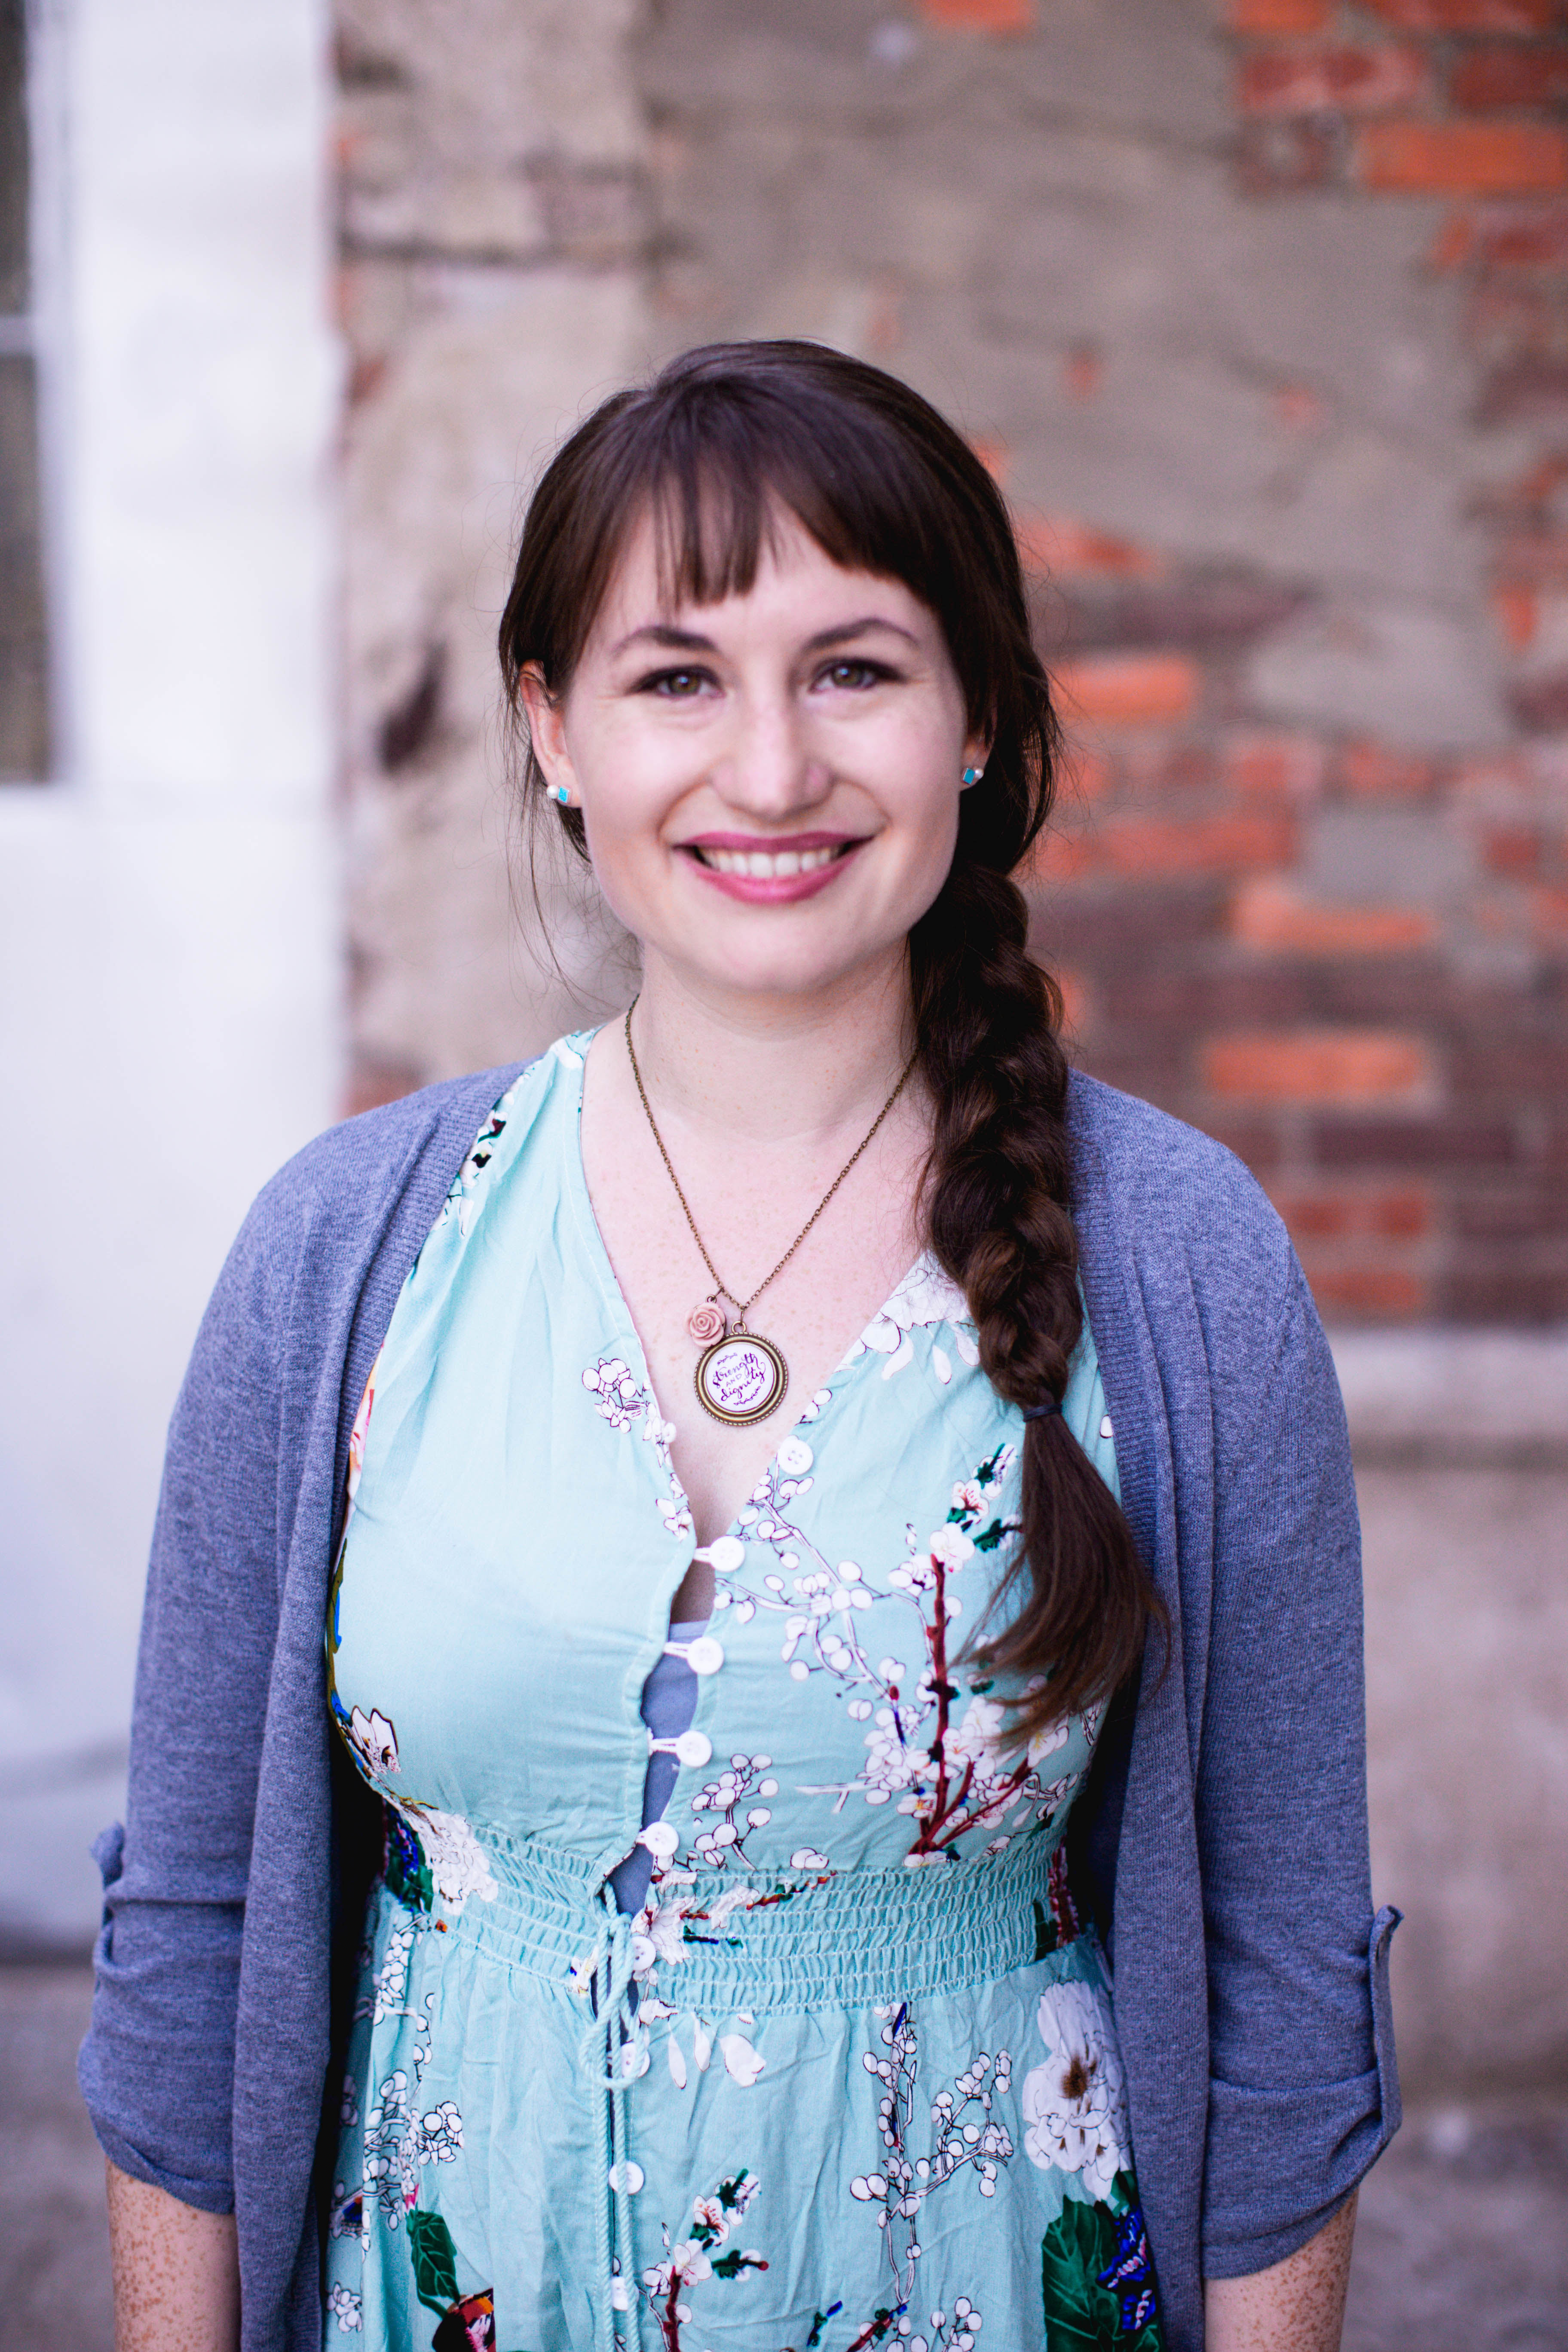 Jill Simons - speaker, blogger, designer